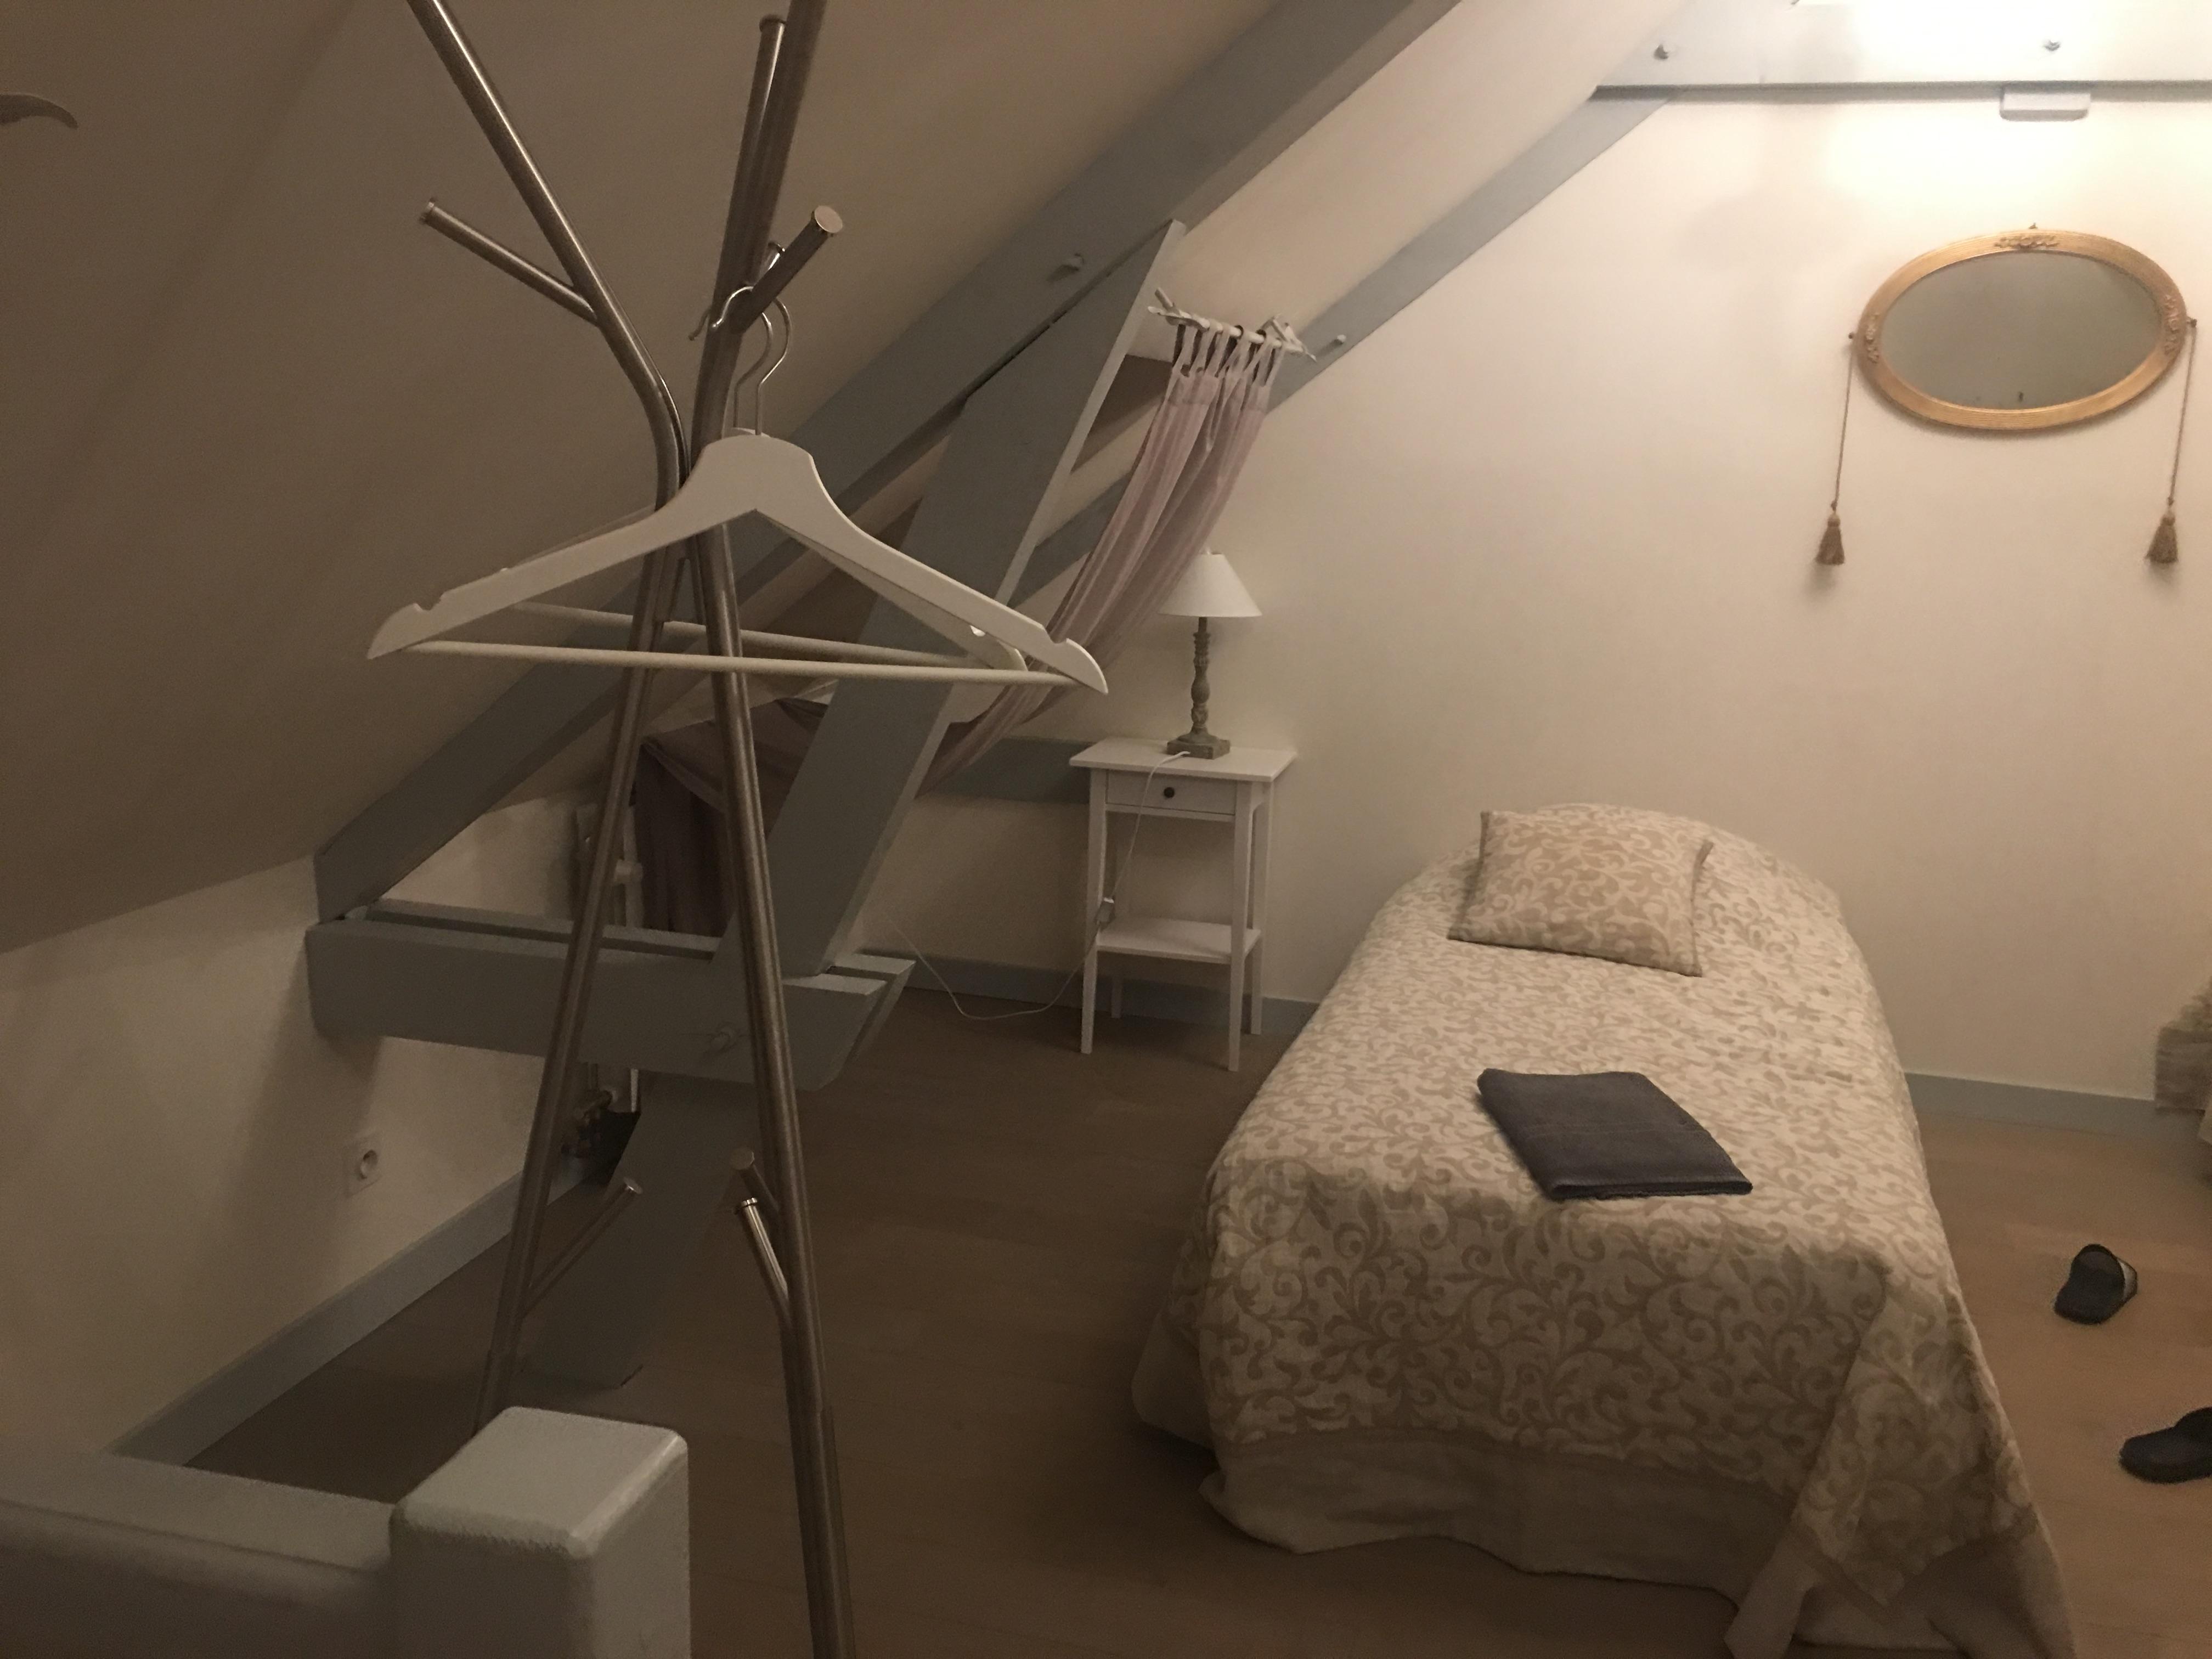 upstairs @Hotel.JPG